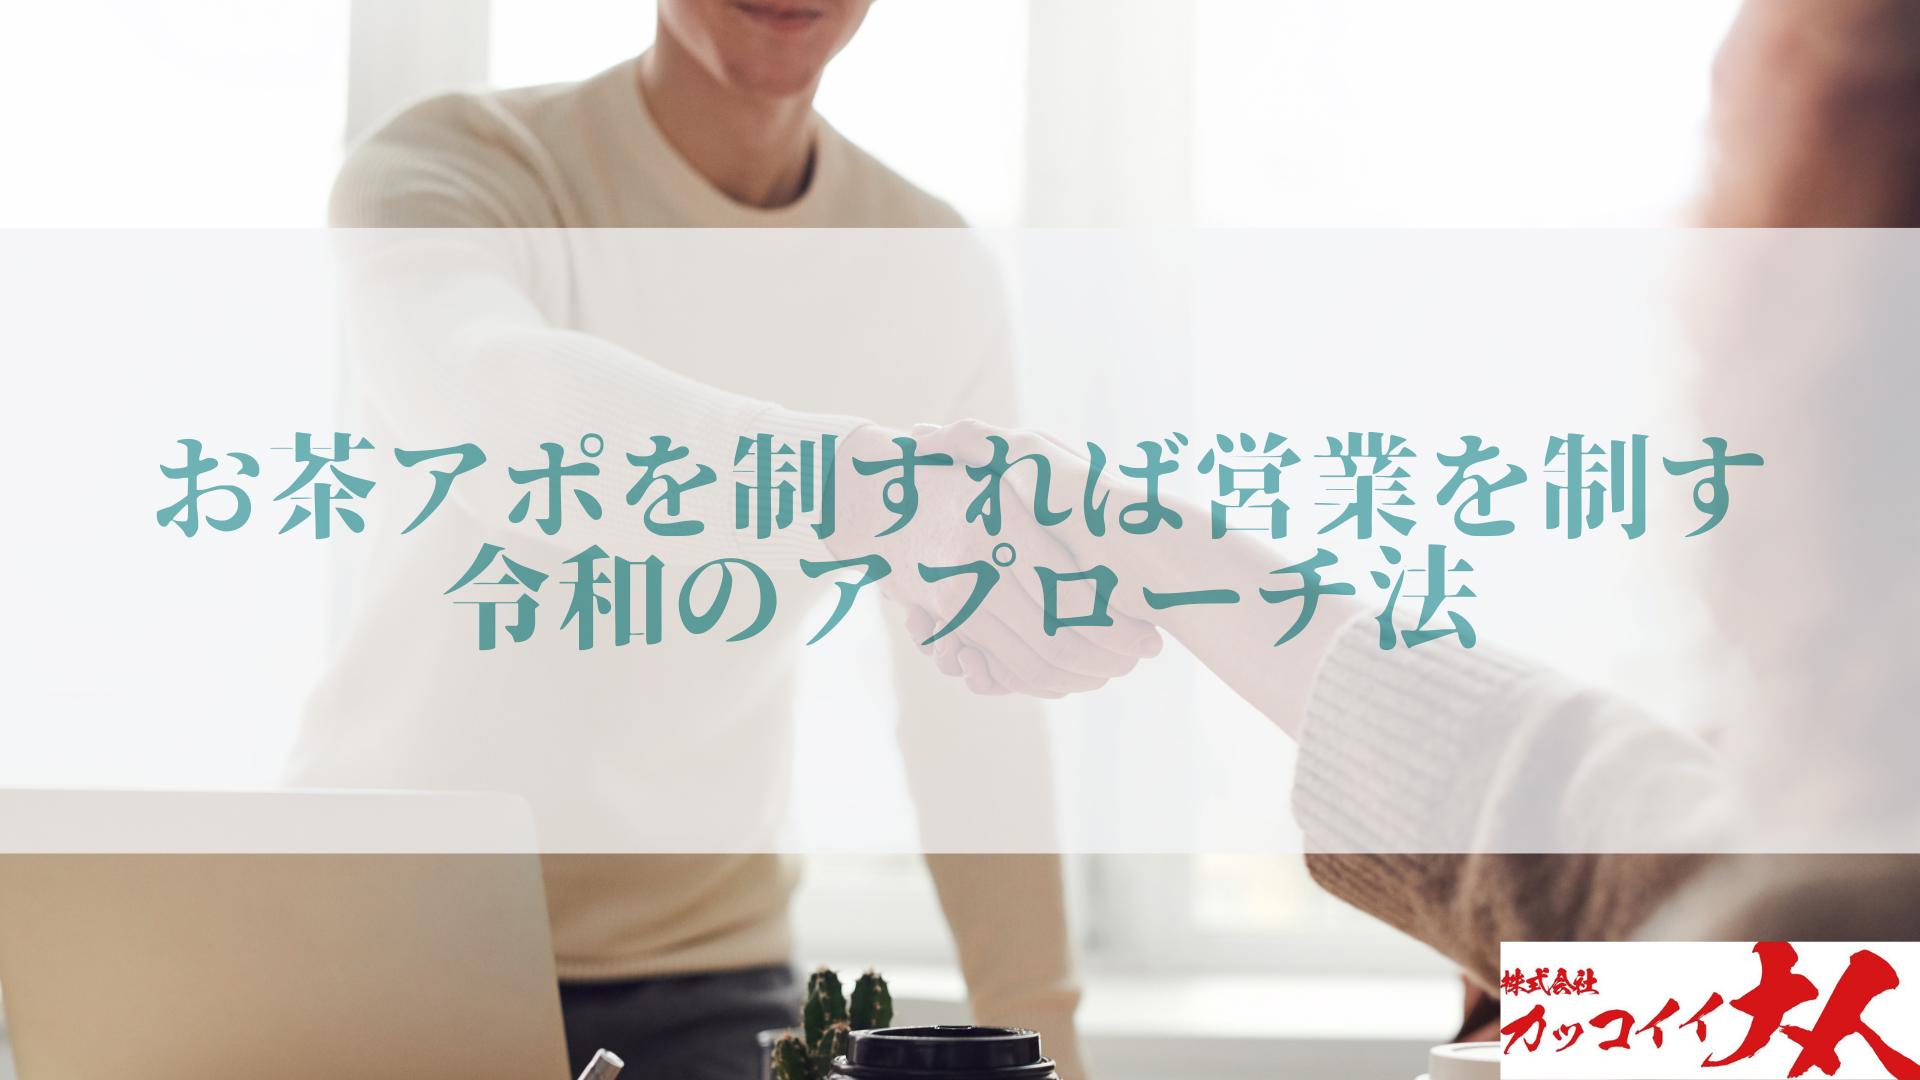 【最強アプローチ法】お茶アポを制すれば営業を制す!令和のアプローチ法